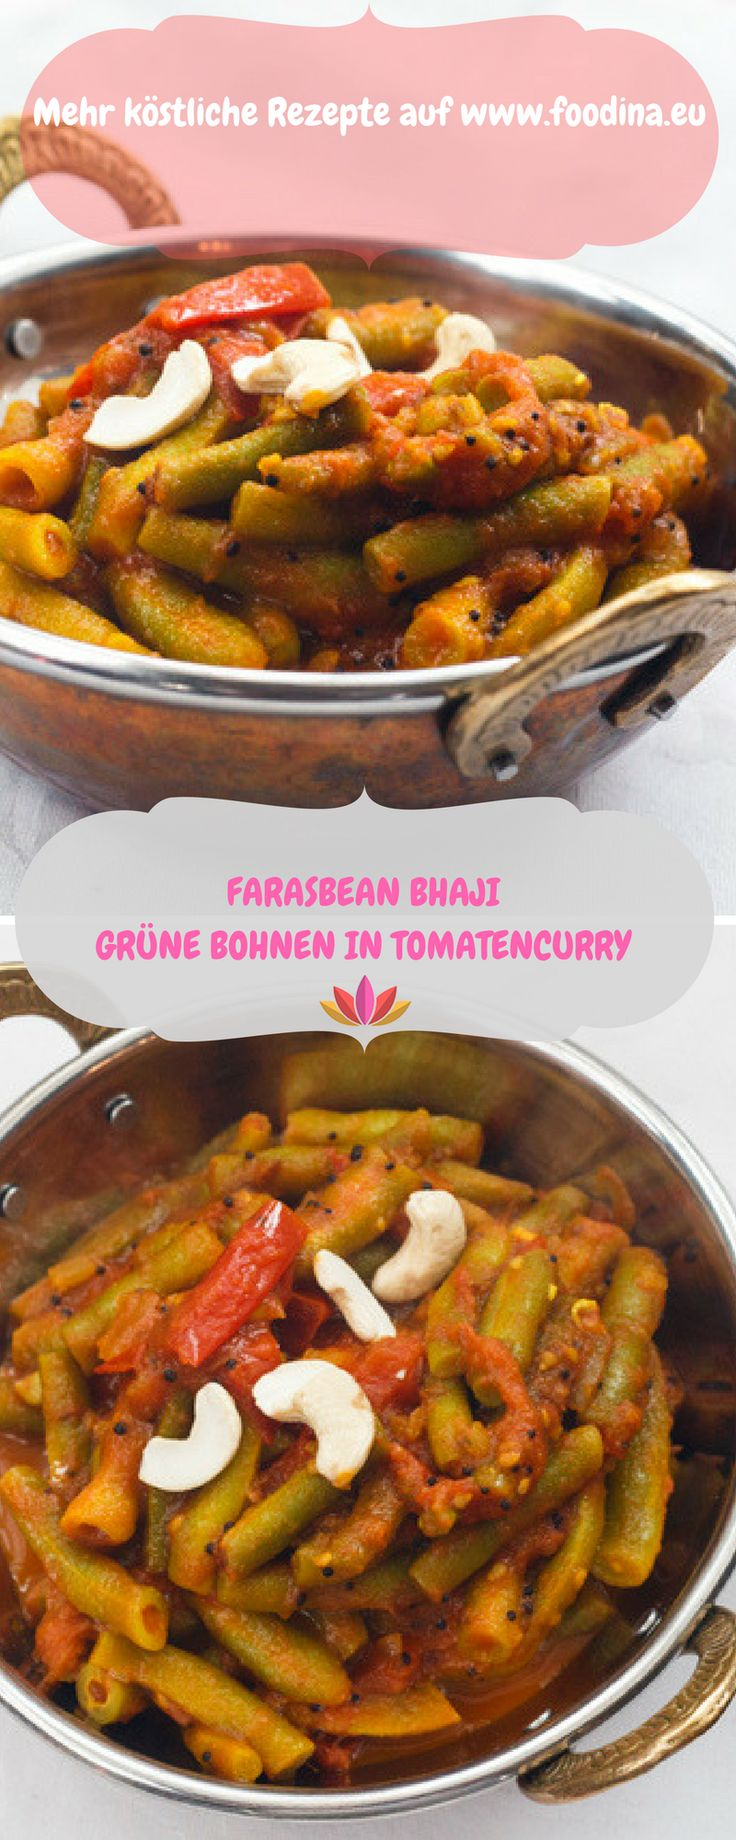 392 best Indische Rezepte deutschsprachiger Foodblogger images on ...